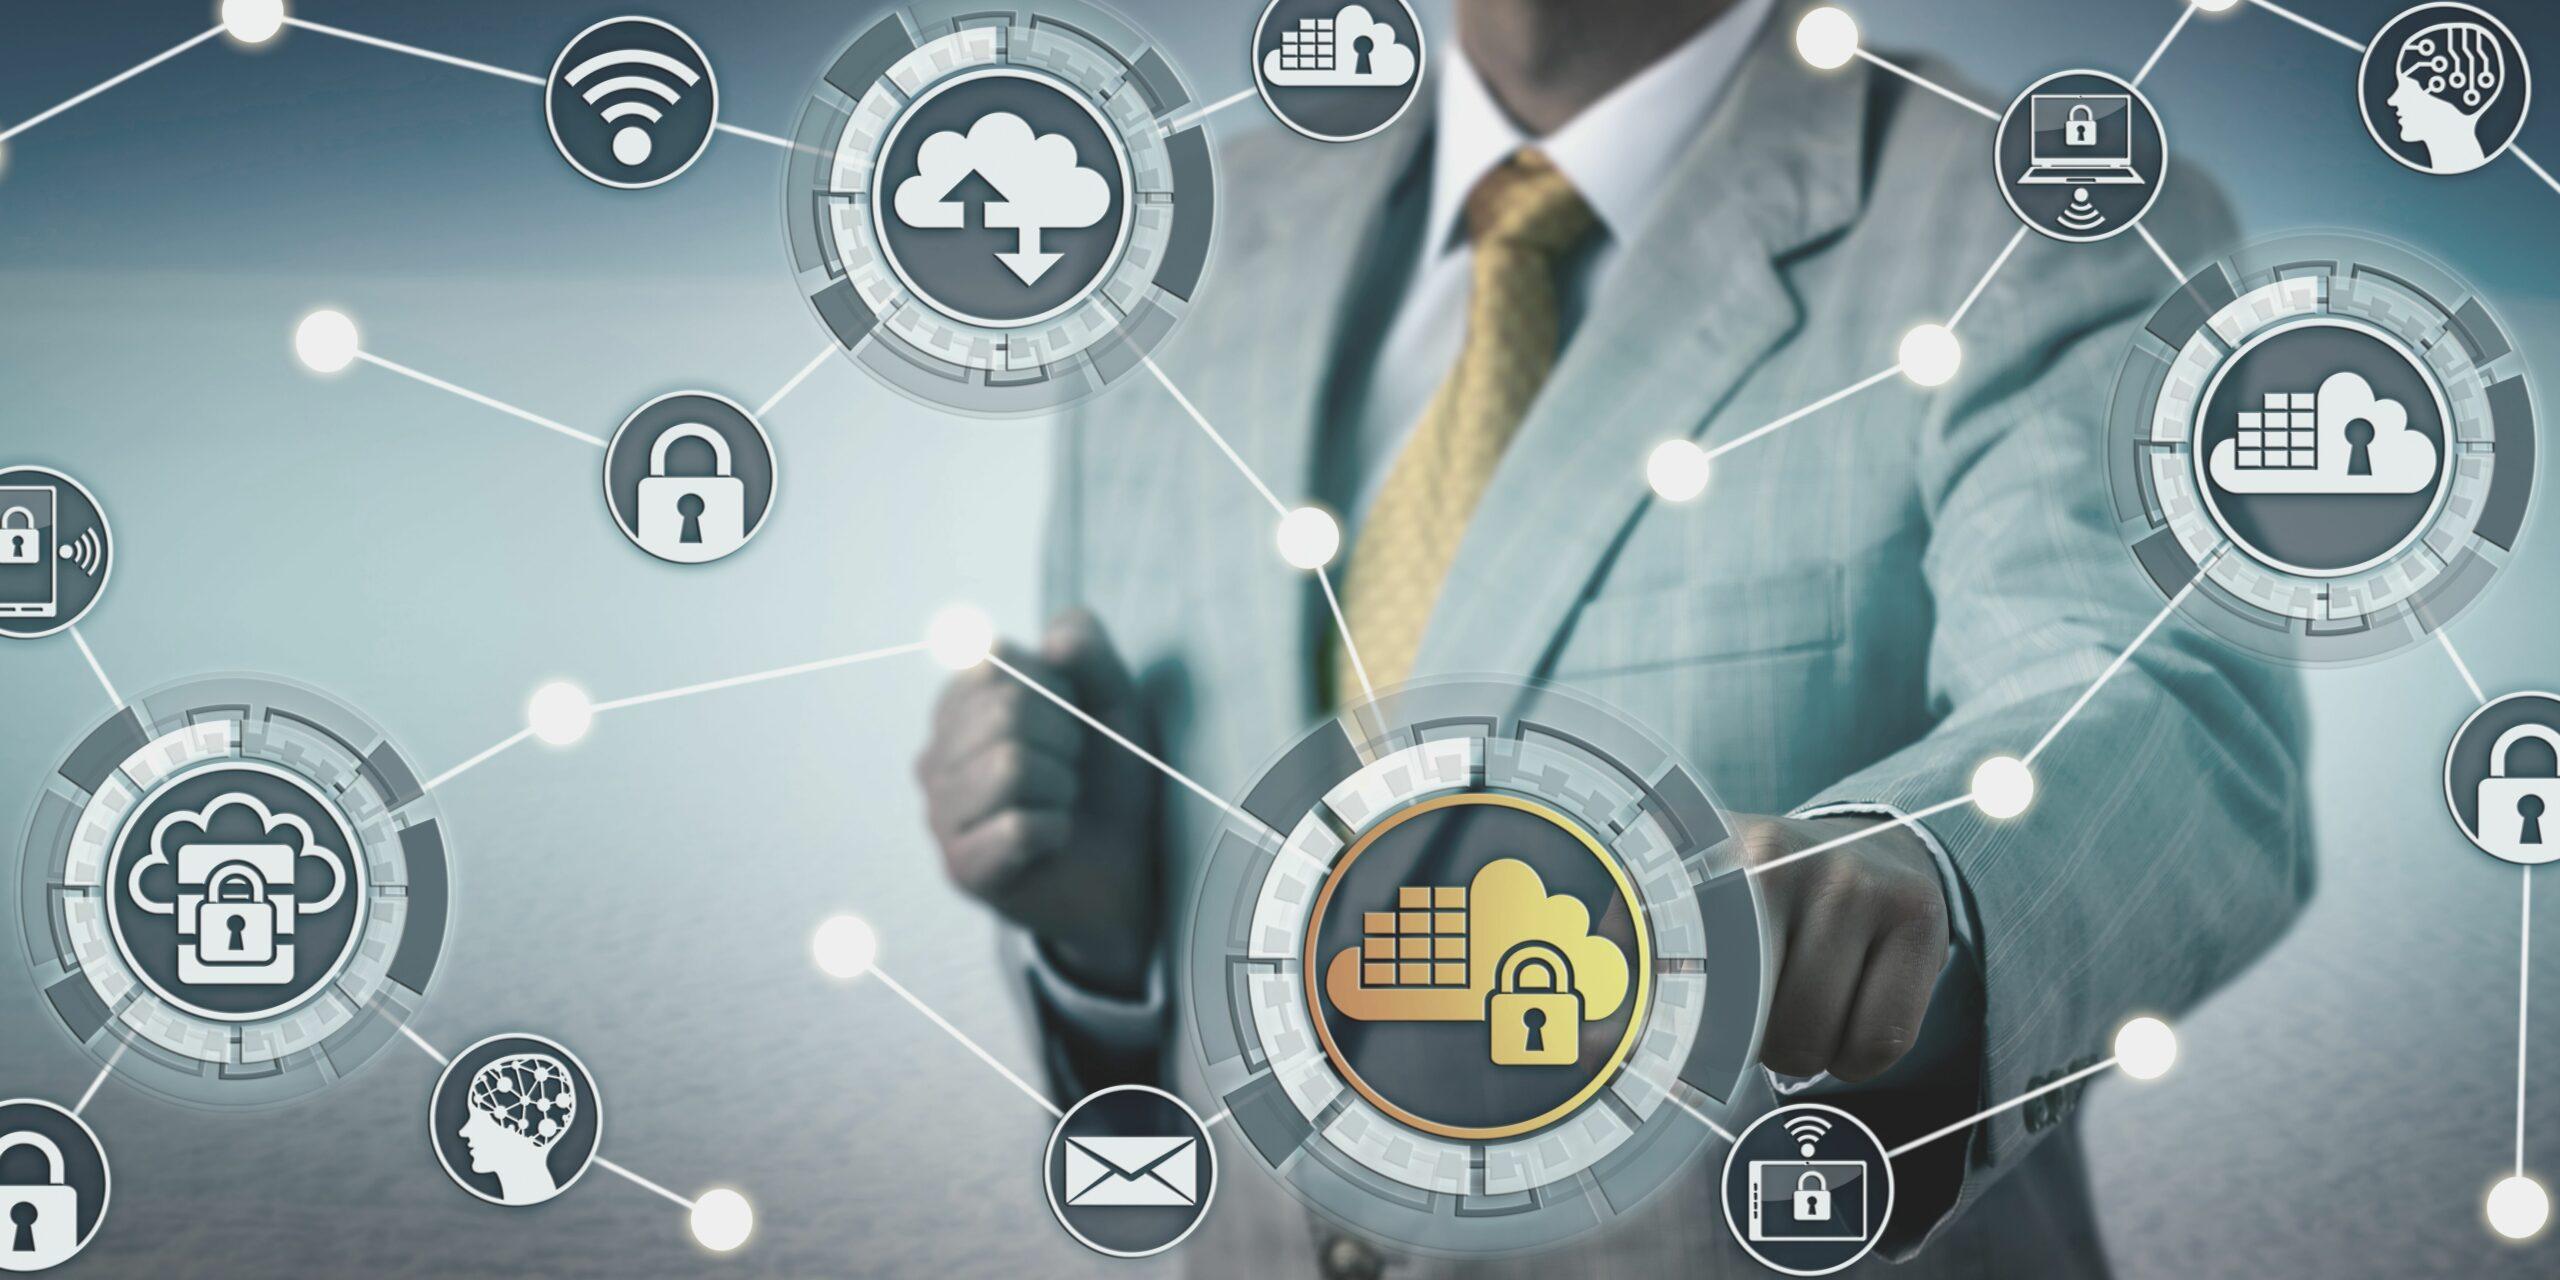 Petronect alcança excelentes resultados em segurança de dados no trabalho remoto, com tecnologia na nuvem da Netskope